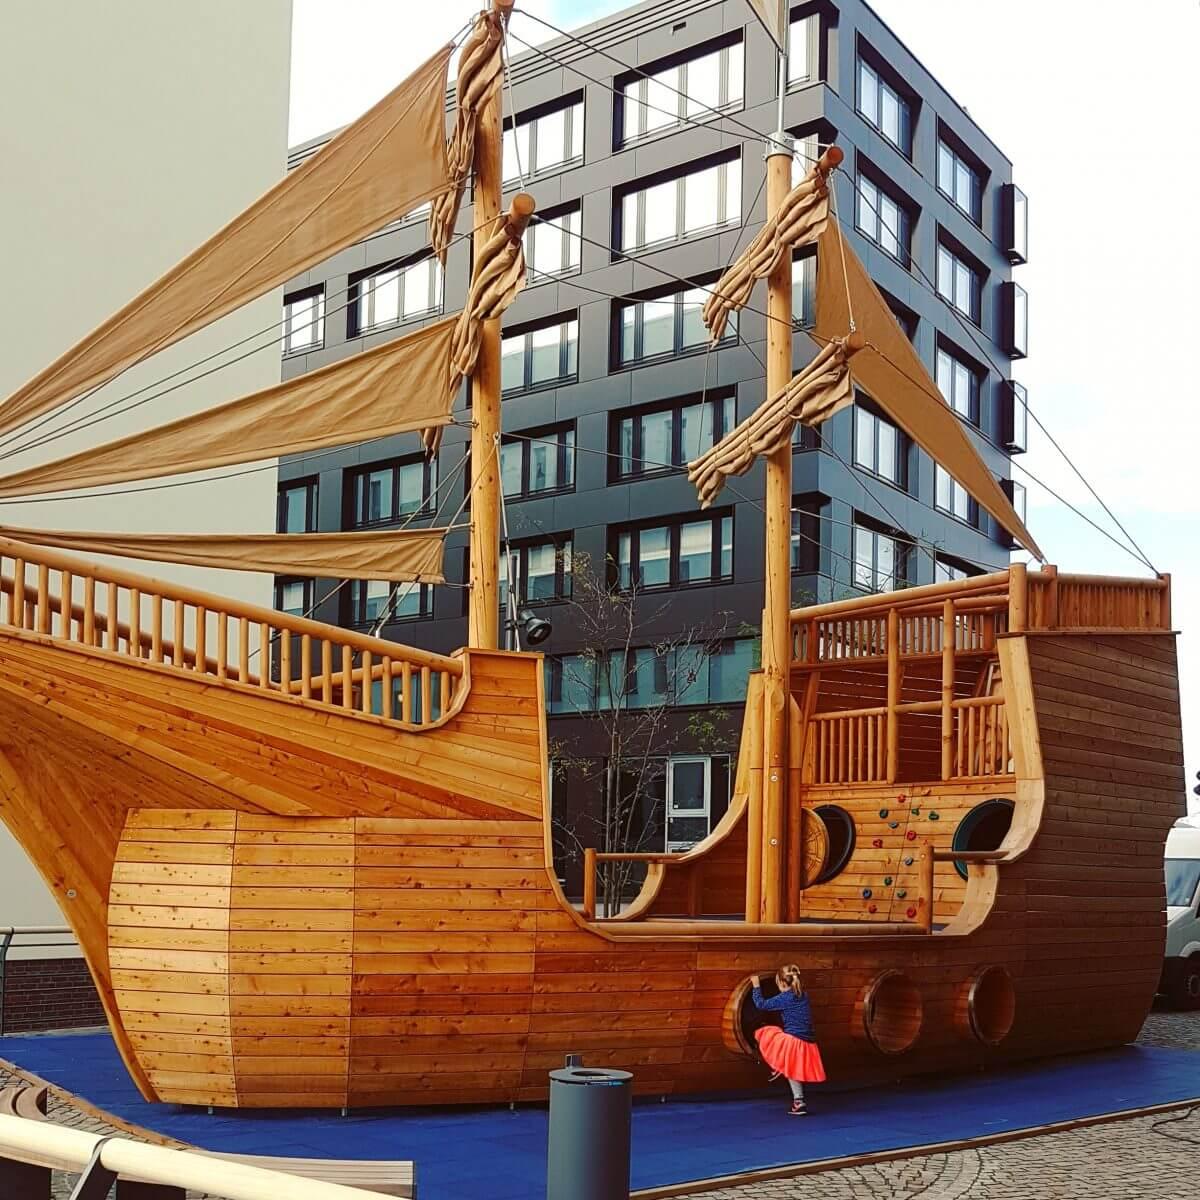 Jufa hotel Hamburg Hafencity, kindvriendelijk hotel met speelschip buitenspeeltuin